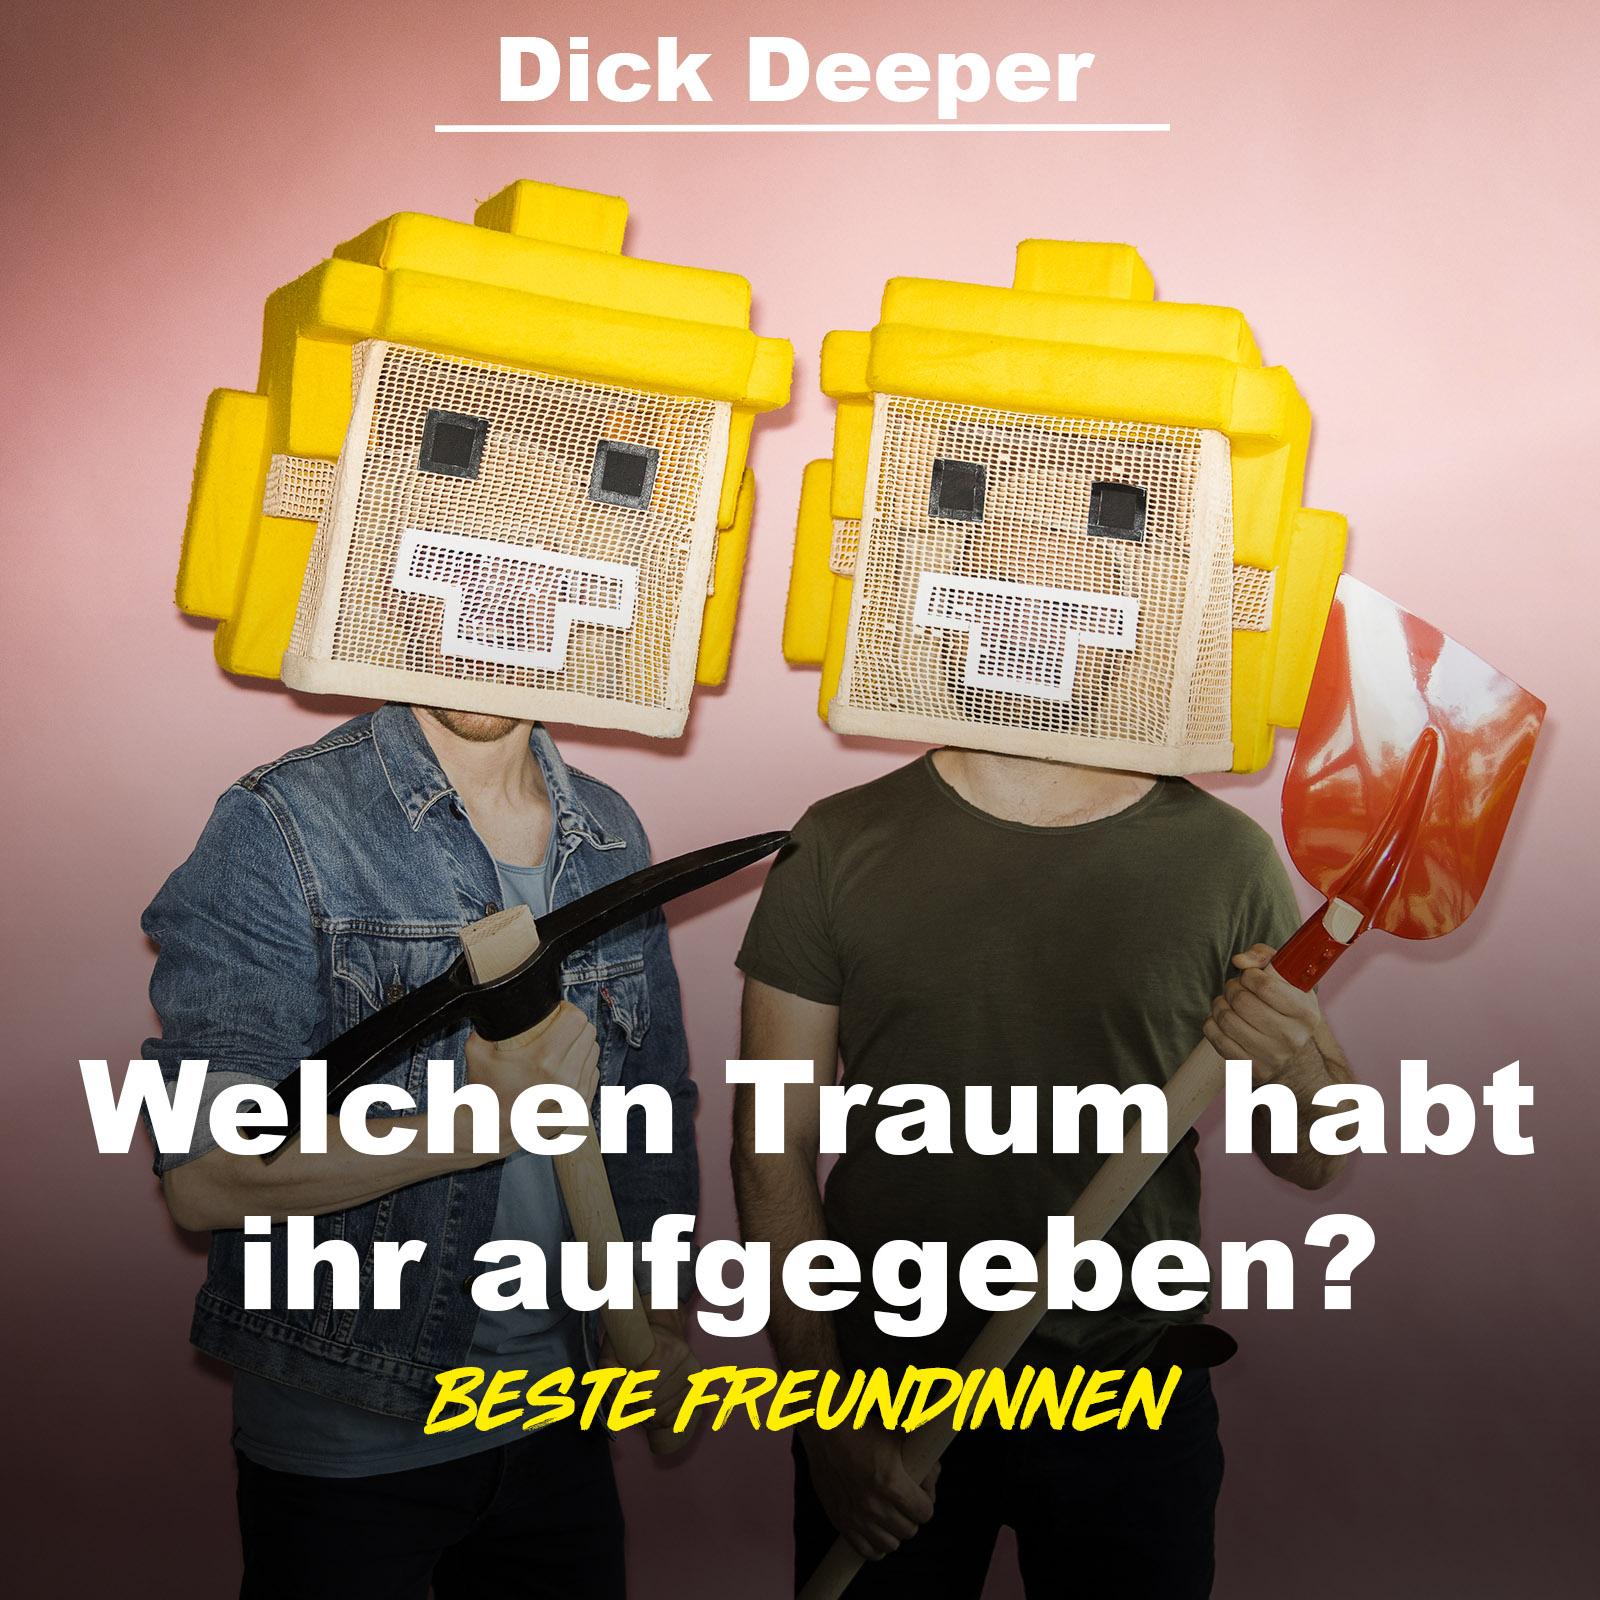 Dick Deeper #18 - Welchen Traum habt ihr aufgegeben